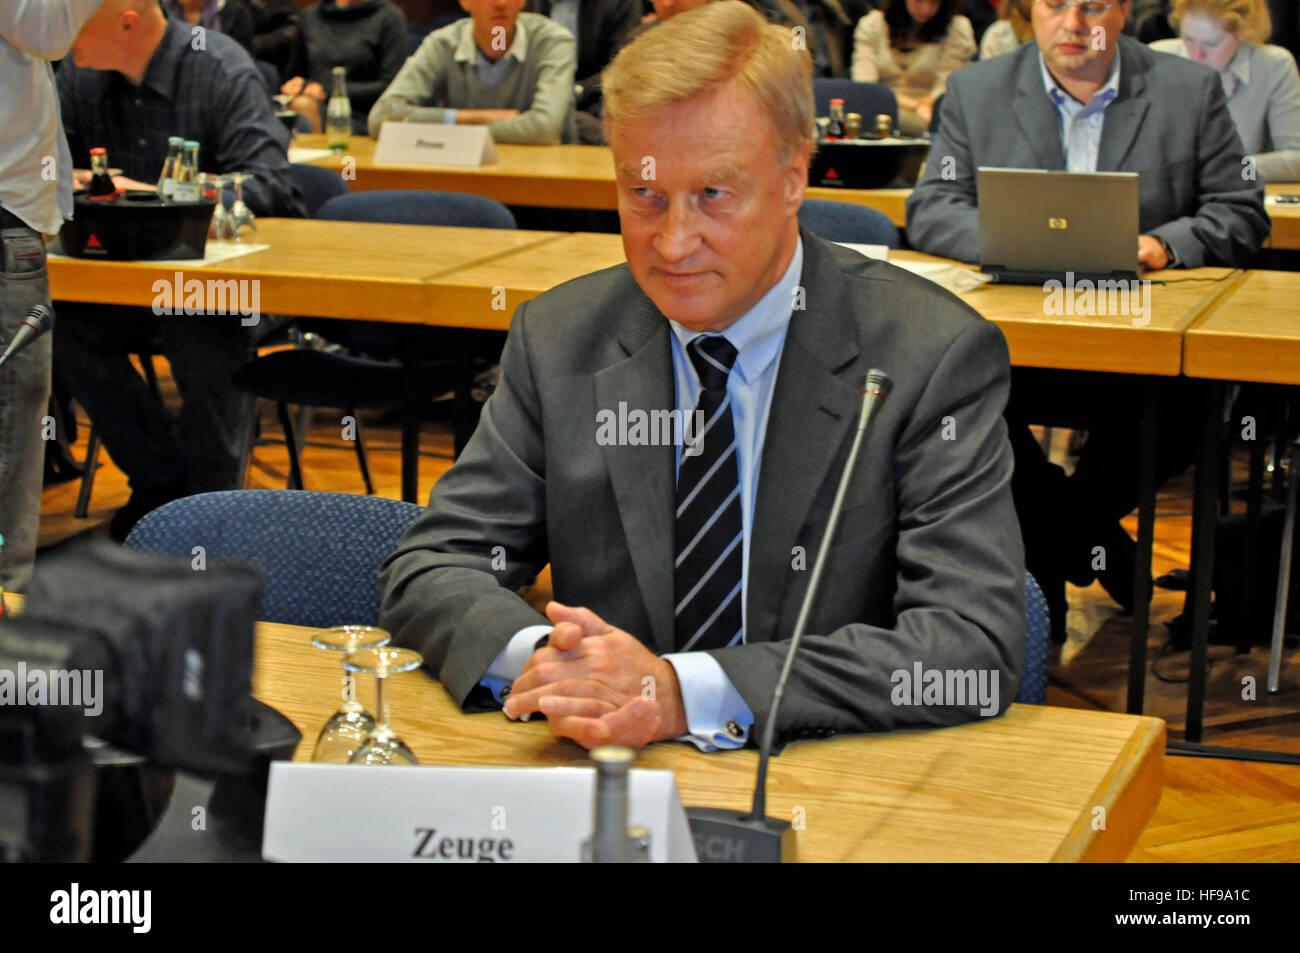 Bürgermeister Ole von Beust (CDU), Untersuchungsausschuss Elbphilharmonie, Hamburg, Deutschland. Editorial - Stock Image